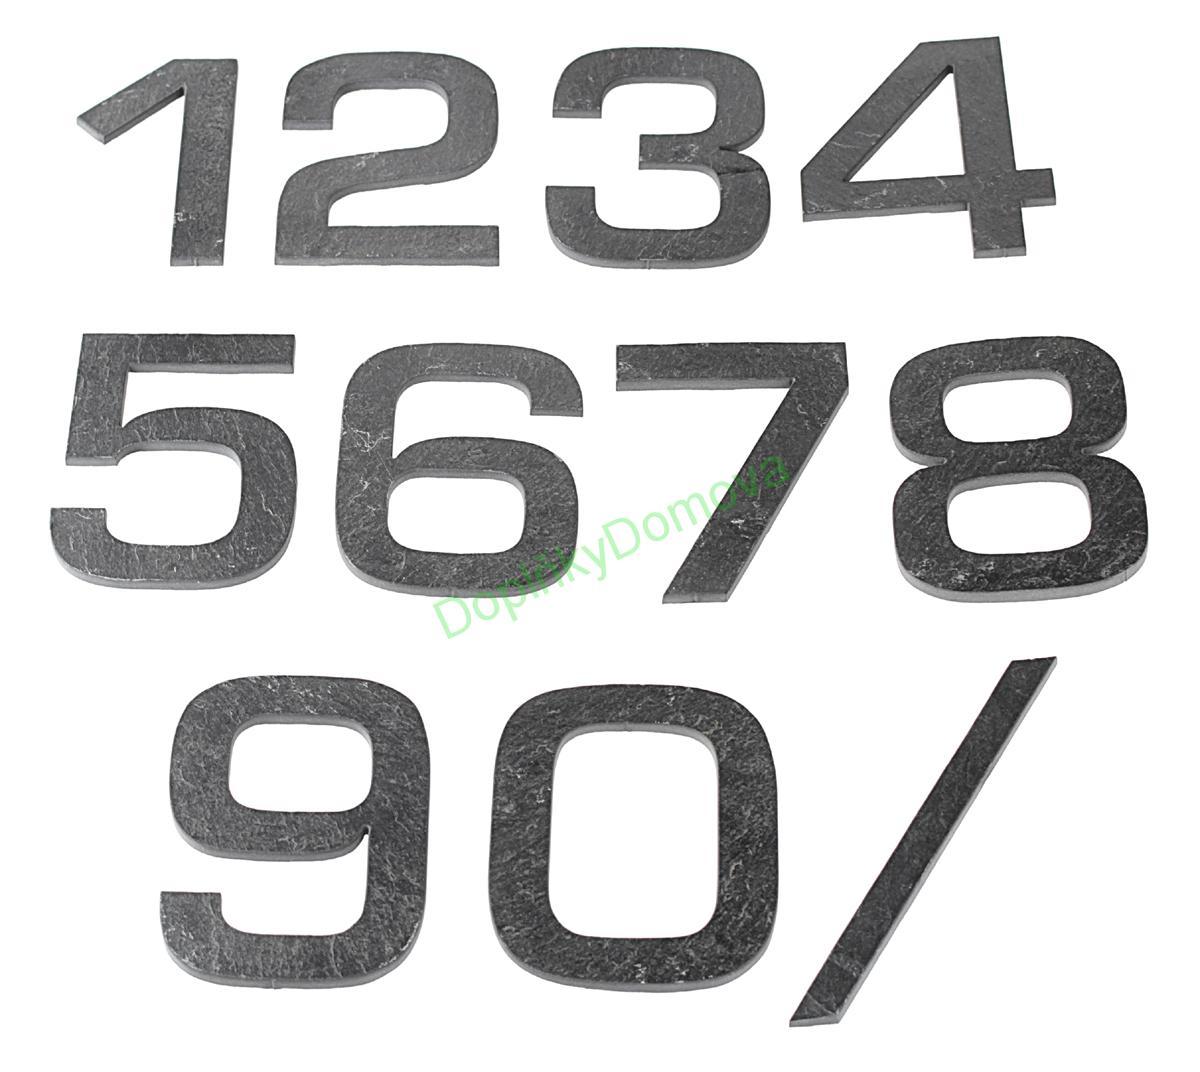 Domovní číslo popisné Břidlice EUROMODE - č. 2